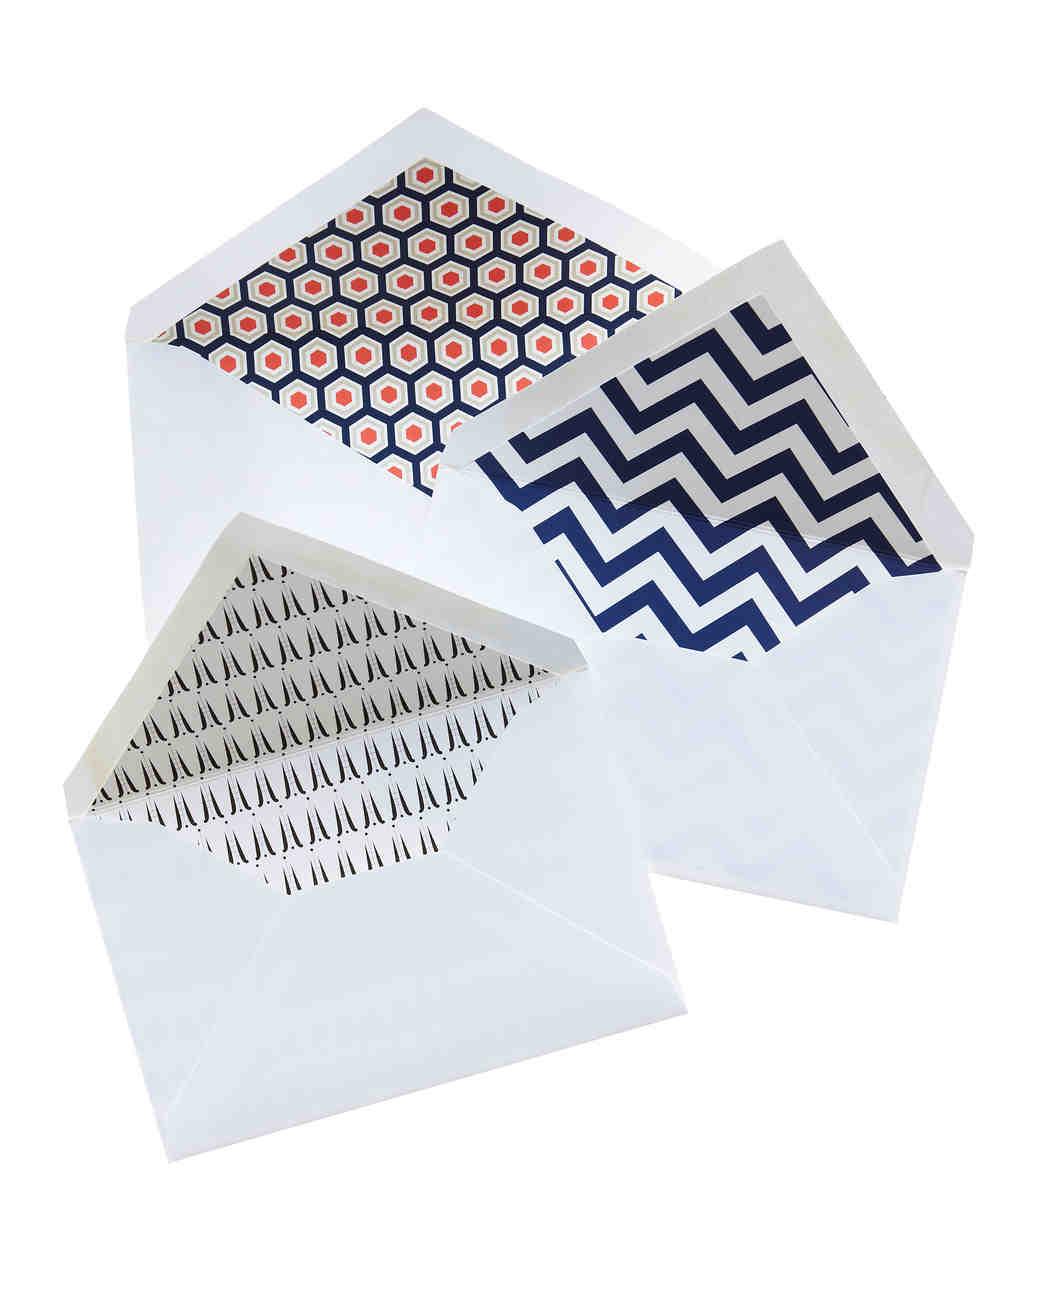 envelopes-0811mwd107539.jpg